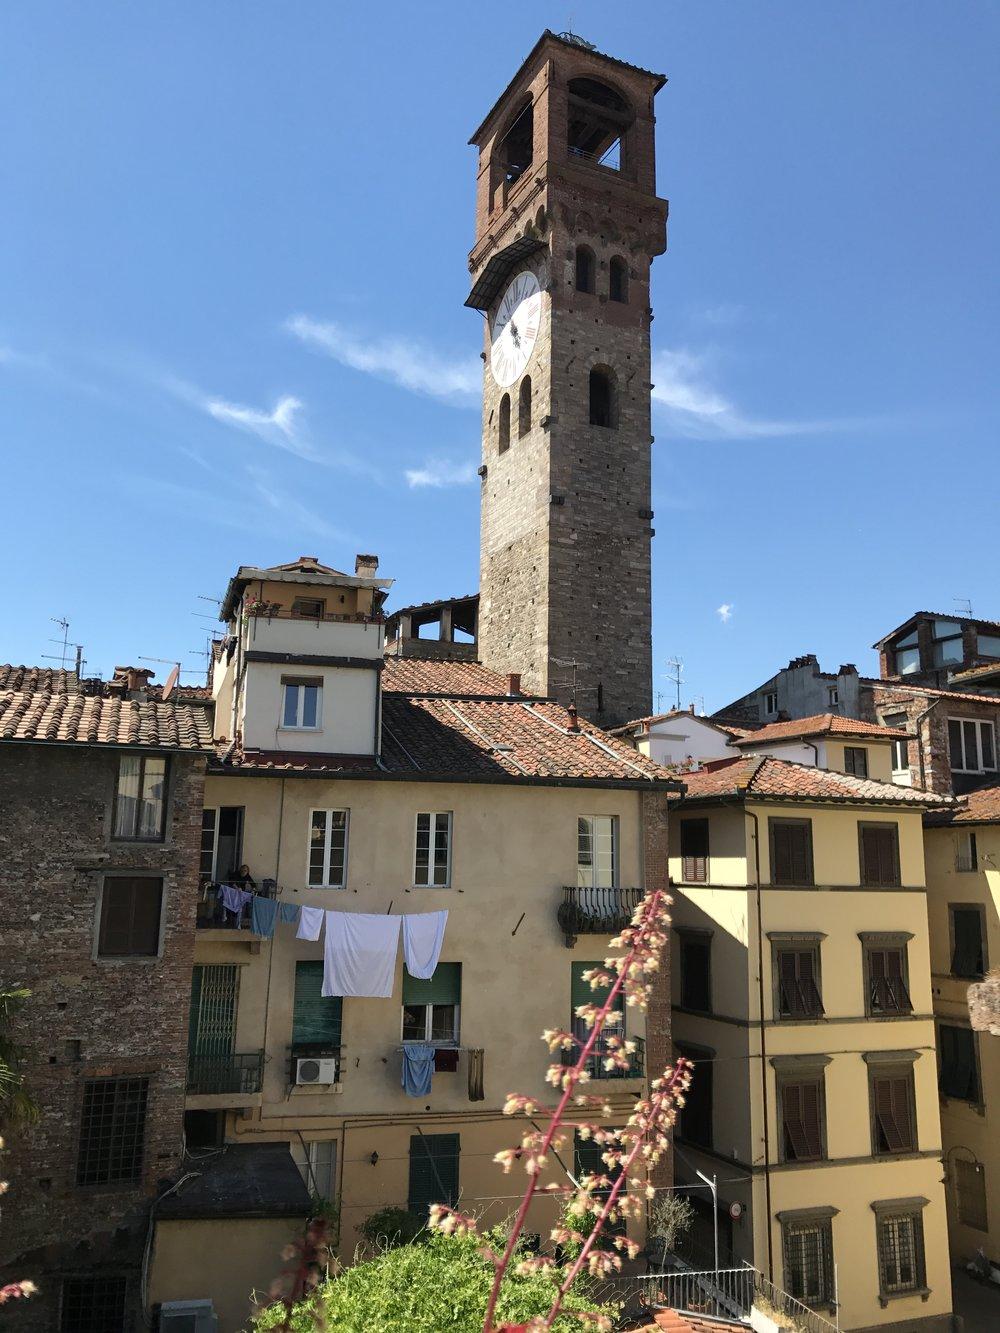 Torre delle Ore, Lucca